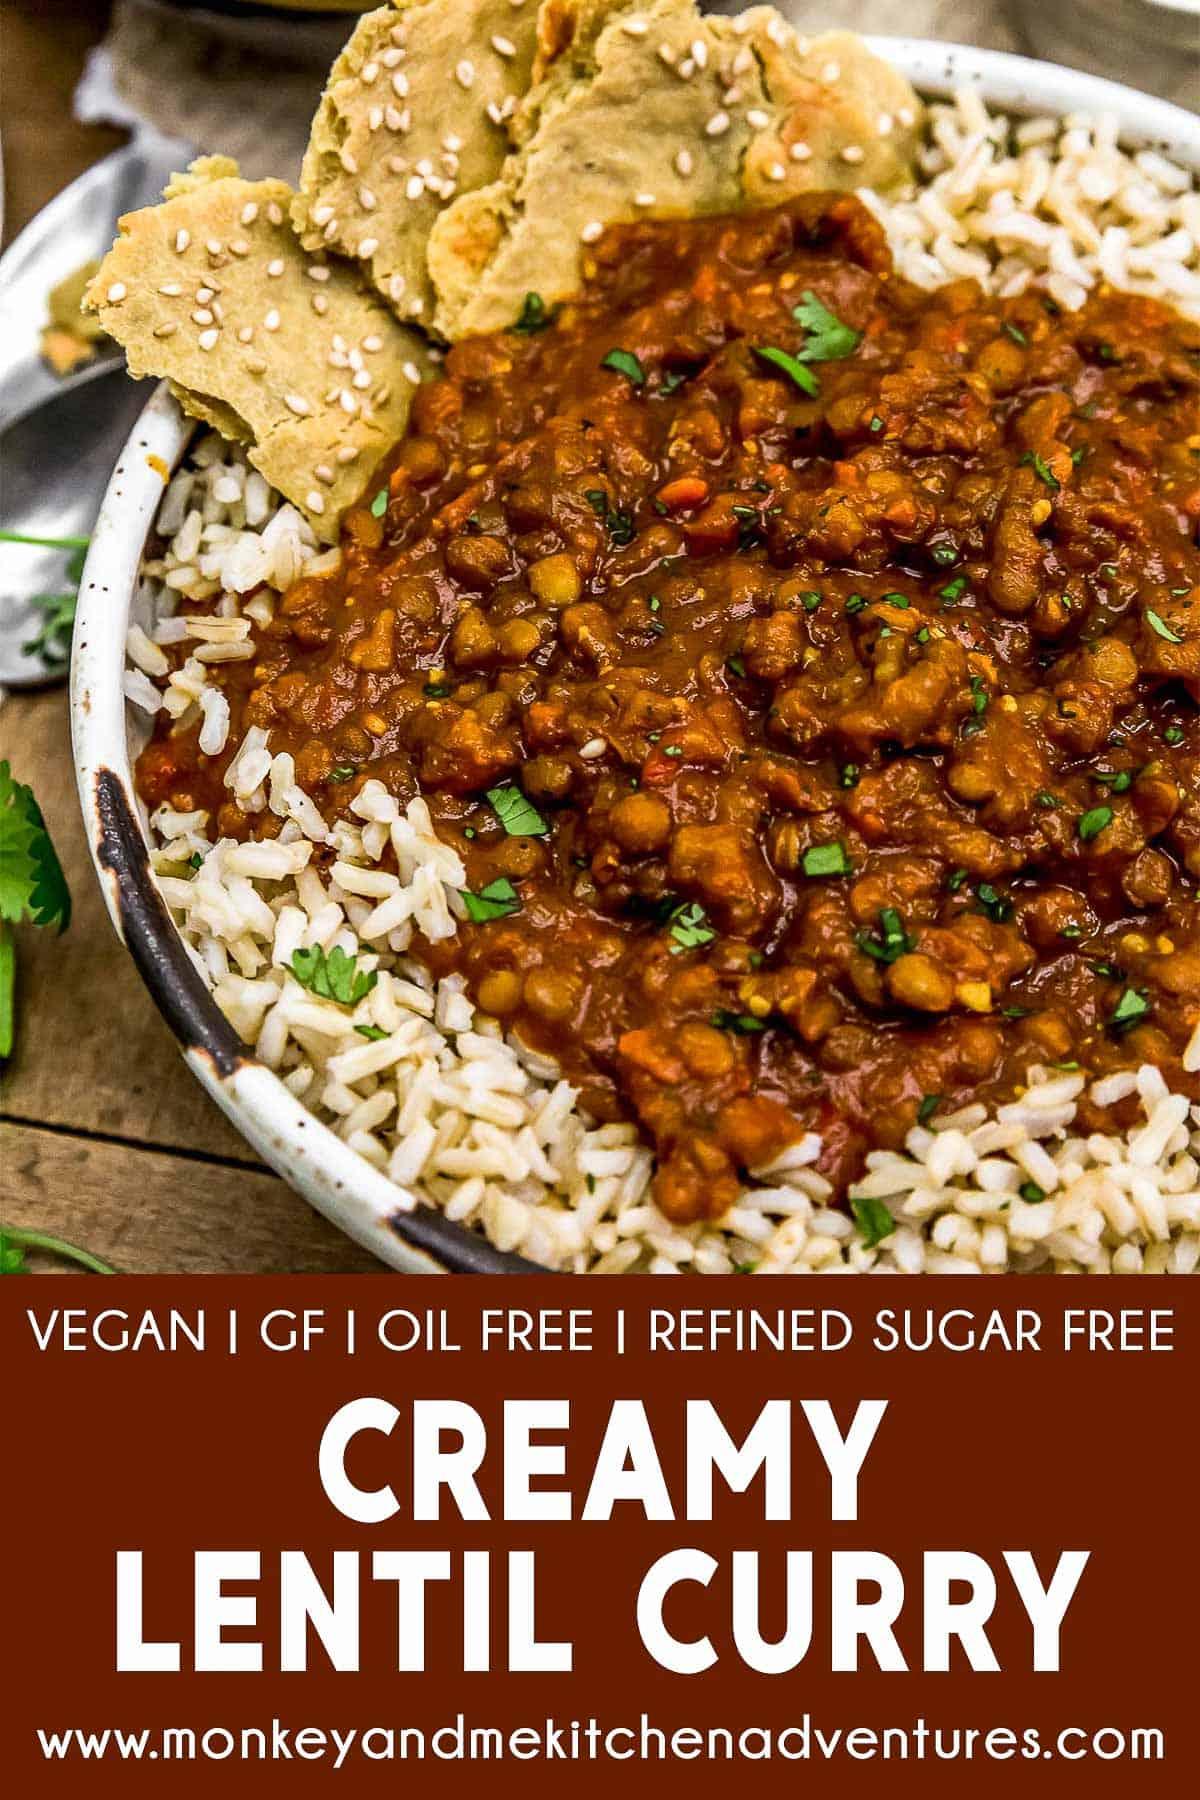 Creamy Lentil Curry with text description